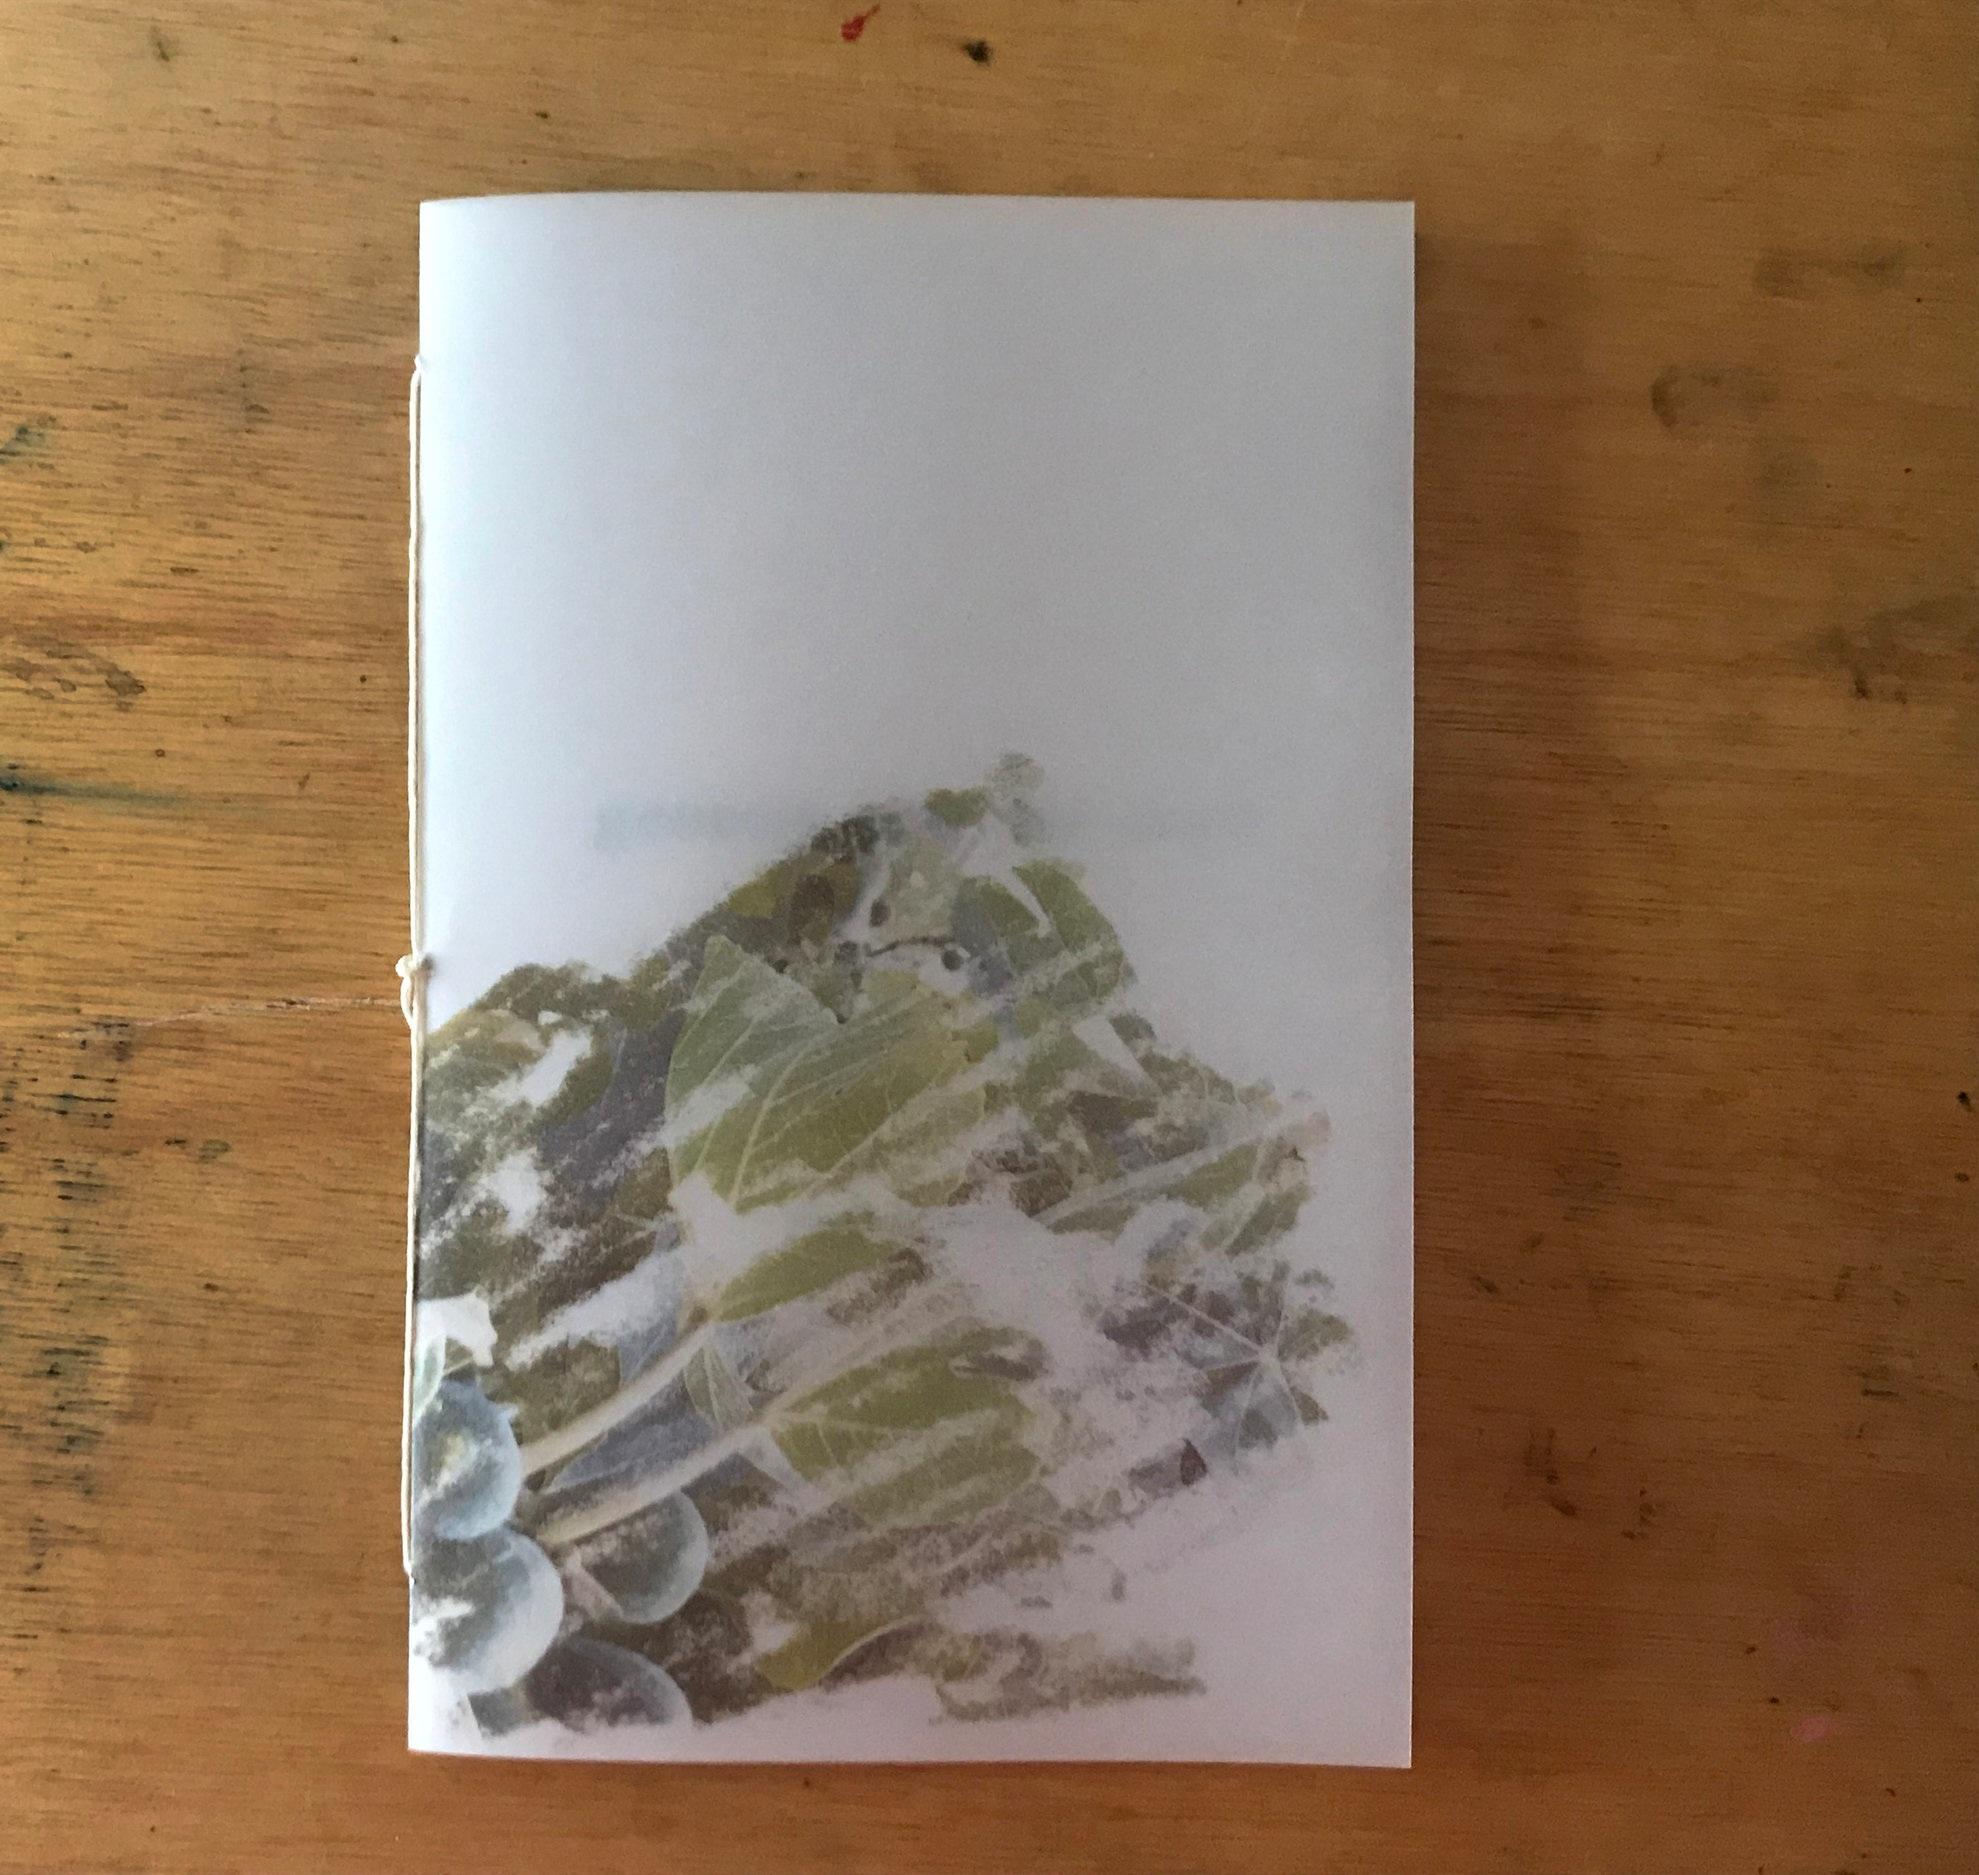 19+BOOK+genesis+1.jpg